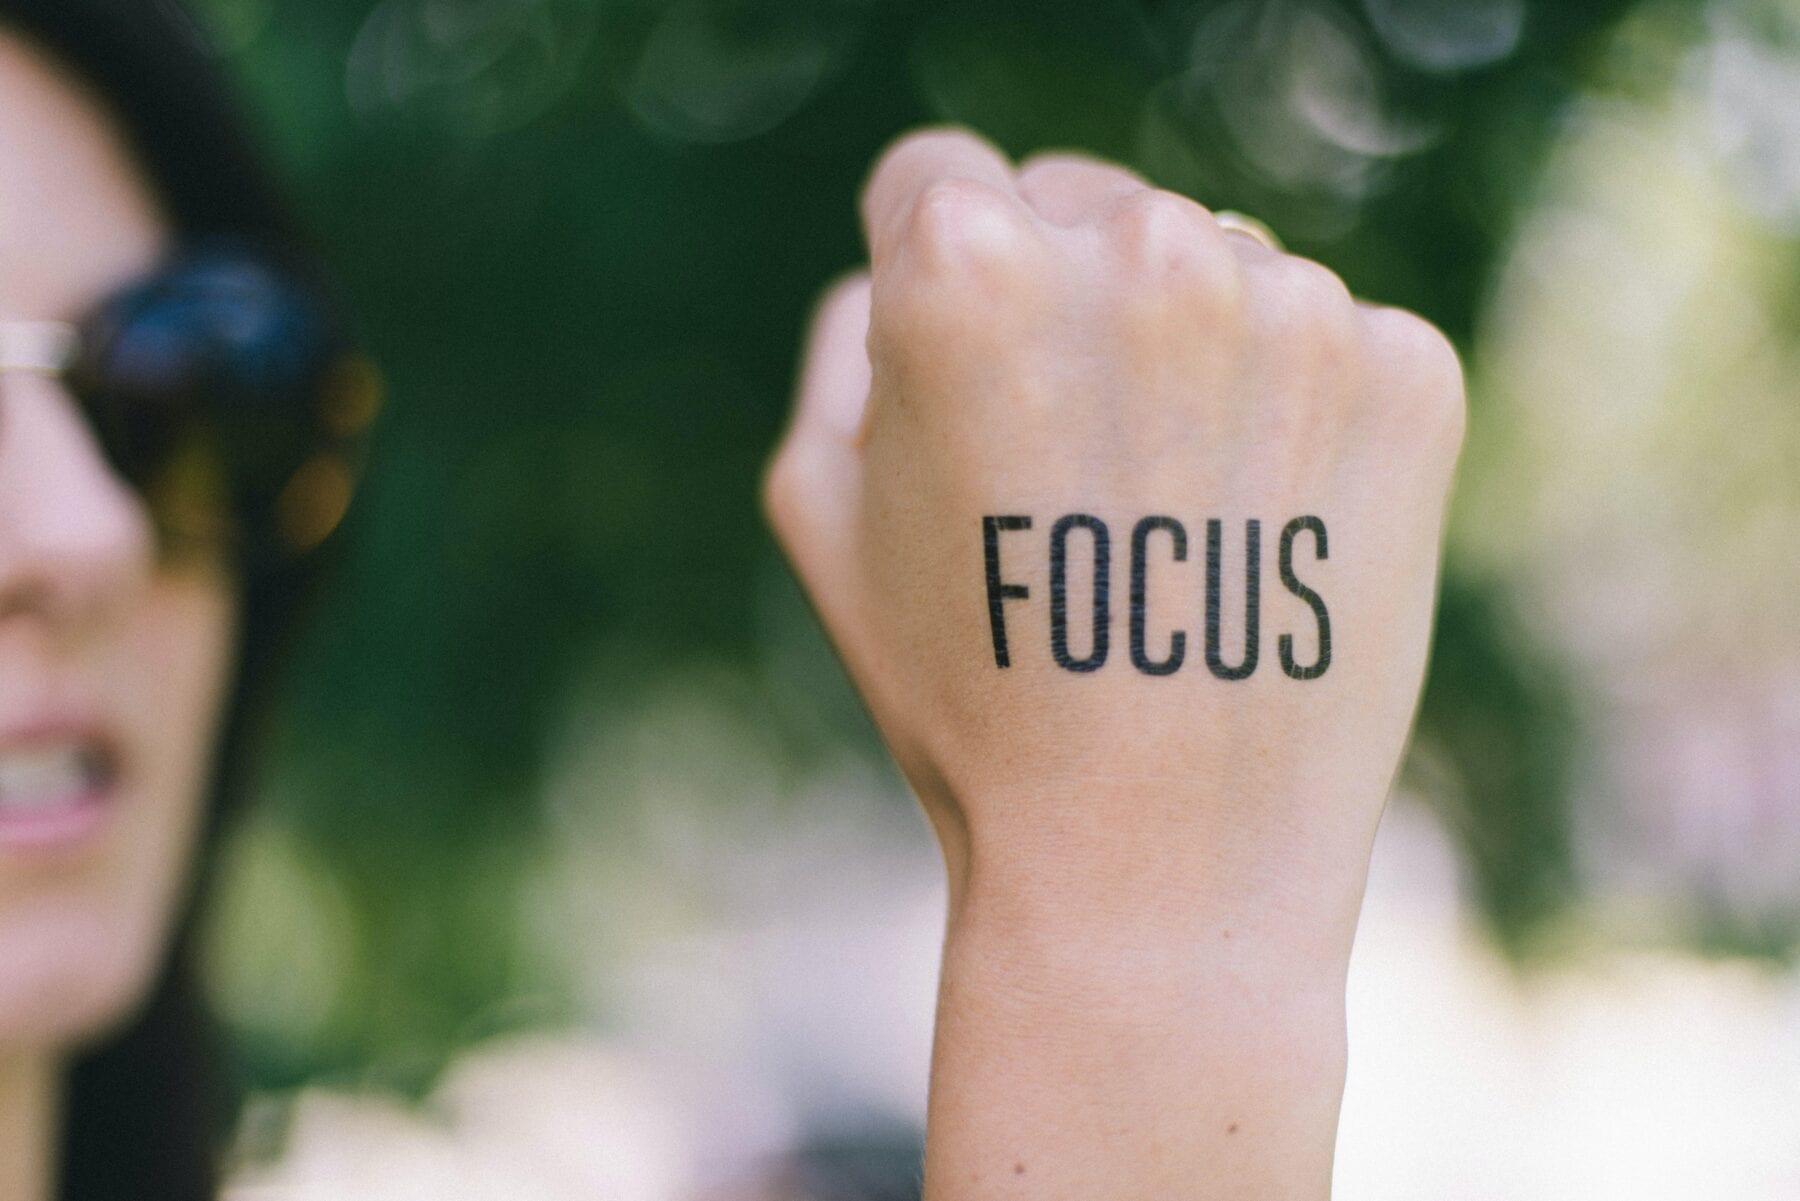 Focus is blangrijk in de Hell Week